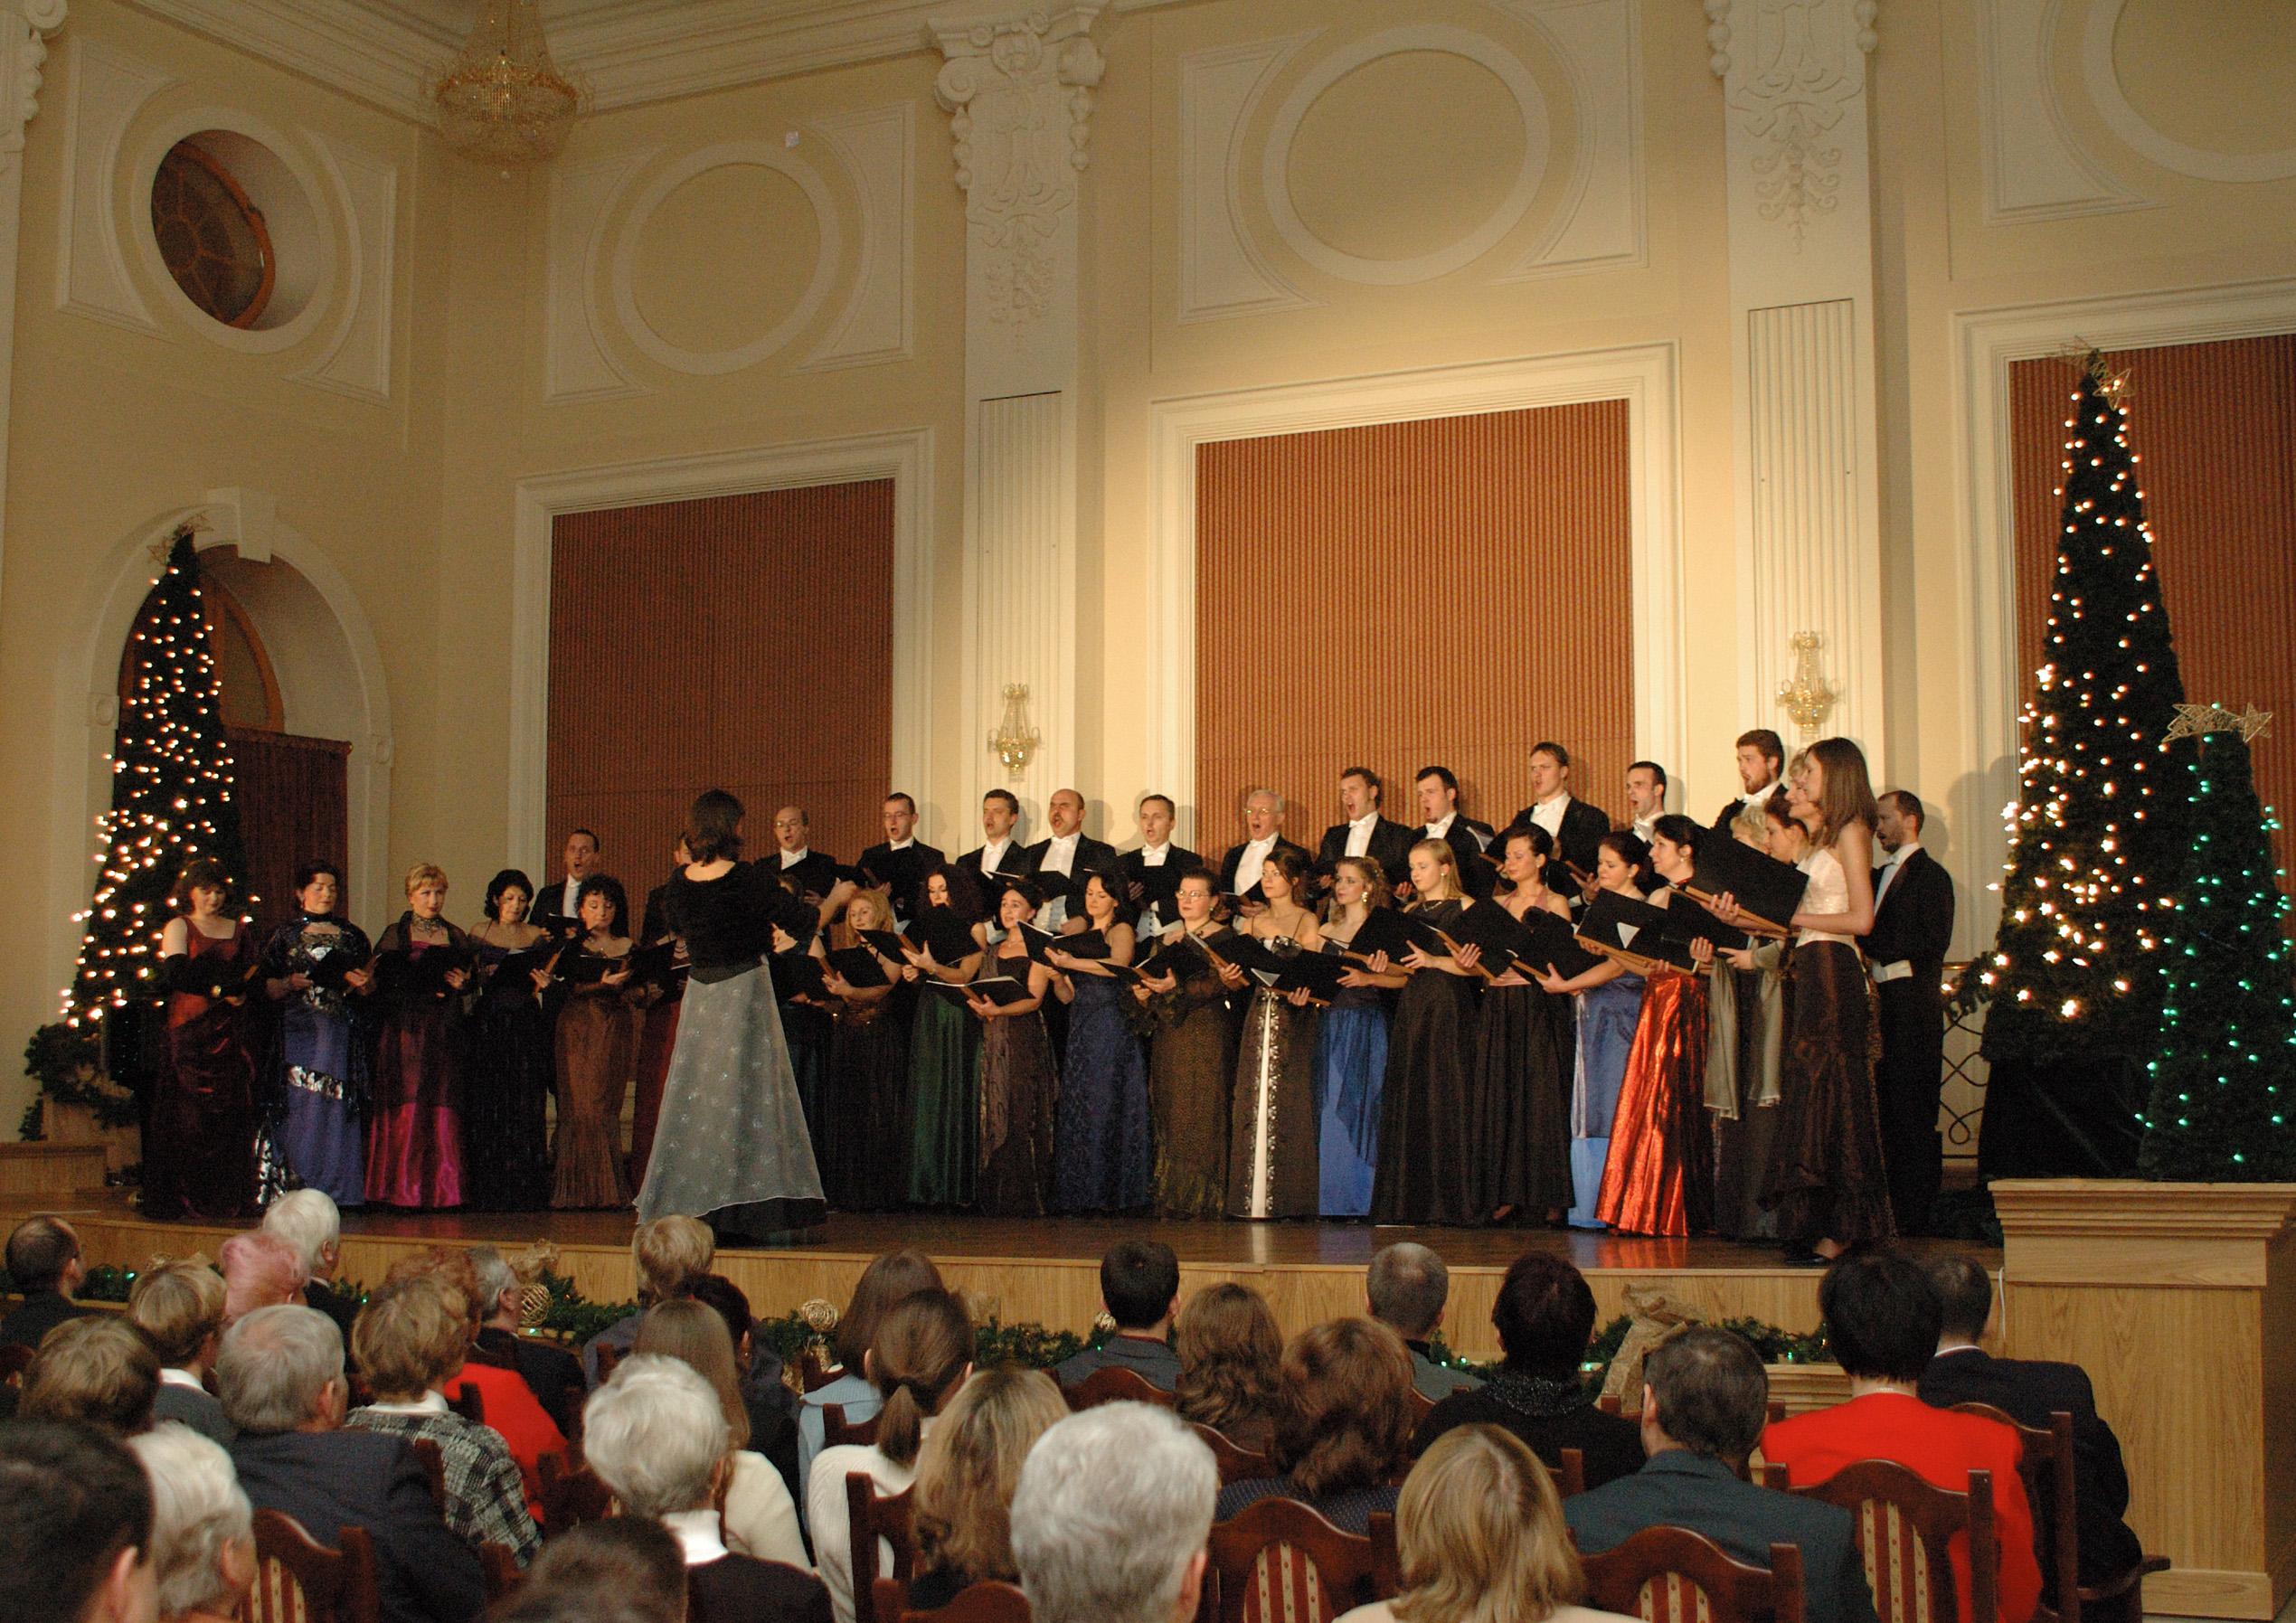 Koncert Kolęd i Pastorałek, Opera Śląska, fot. Tomasz Zakrzewski